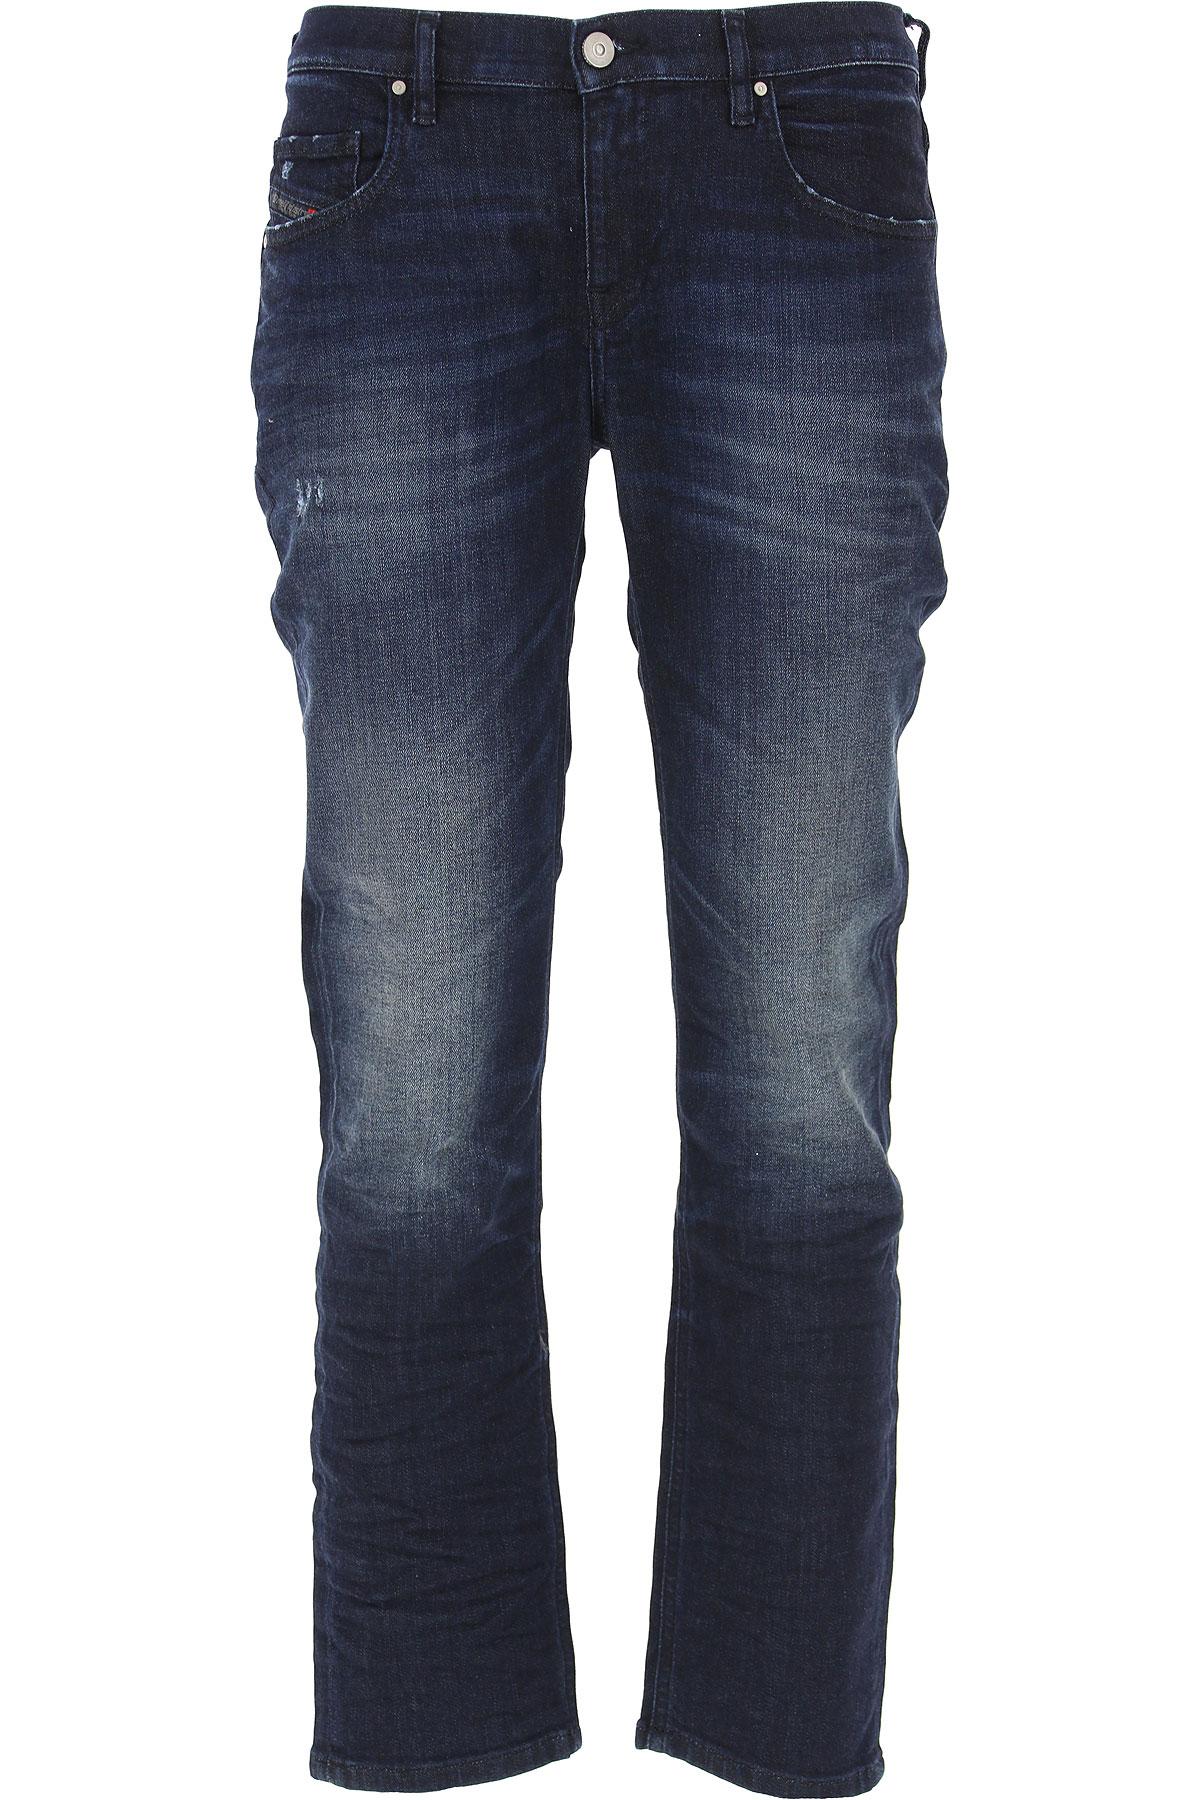 Diesel Jeans On Sale, Dark Blue, Cotton, 2017, 25 26 27 28 31